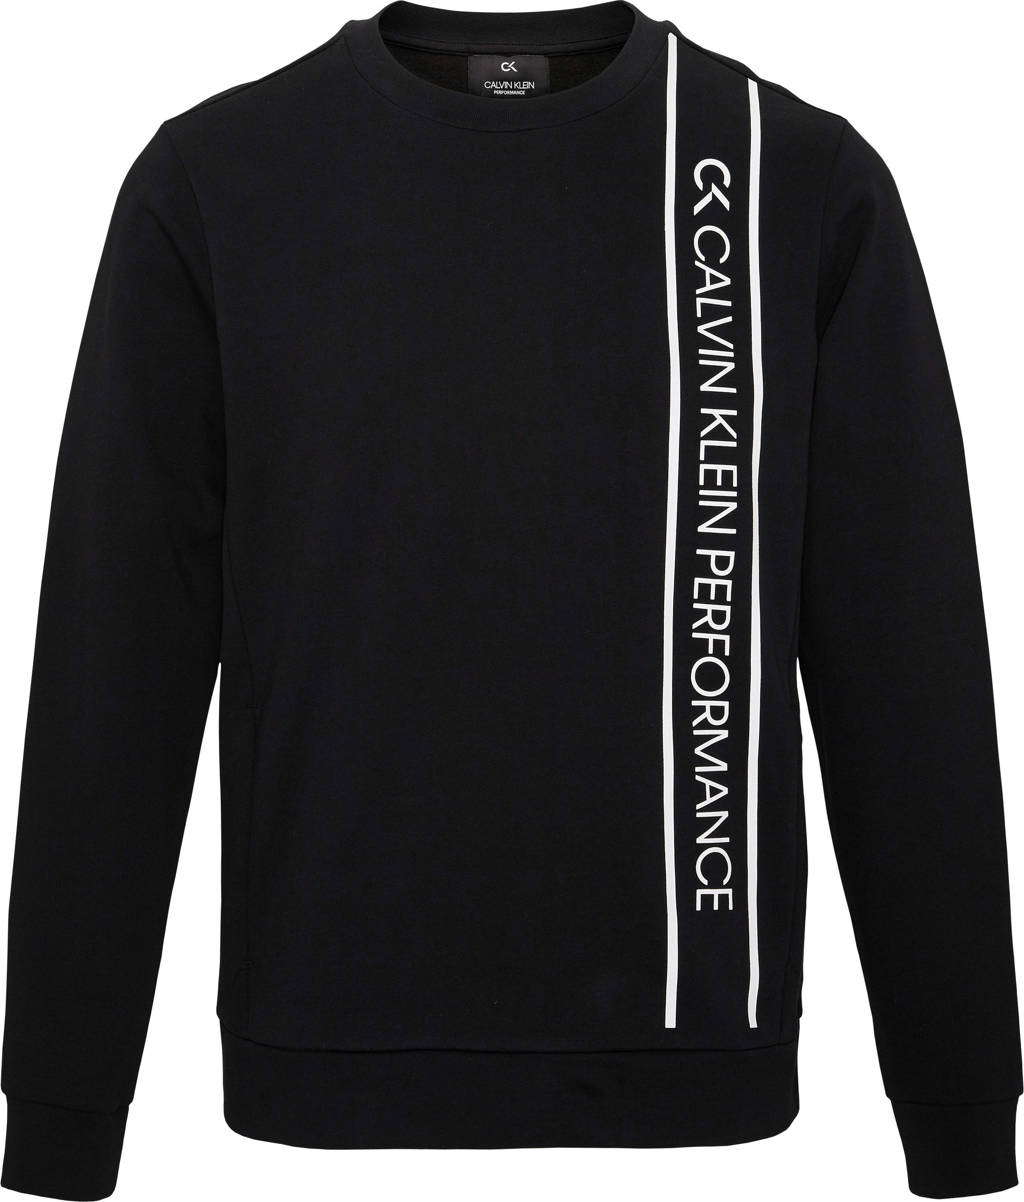 Calvin Klein   sportsweater zwart, Zwart/wit